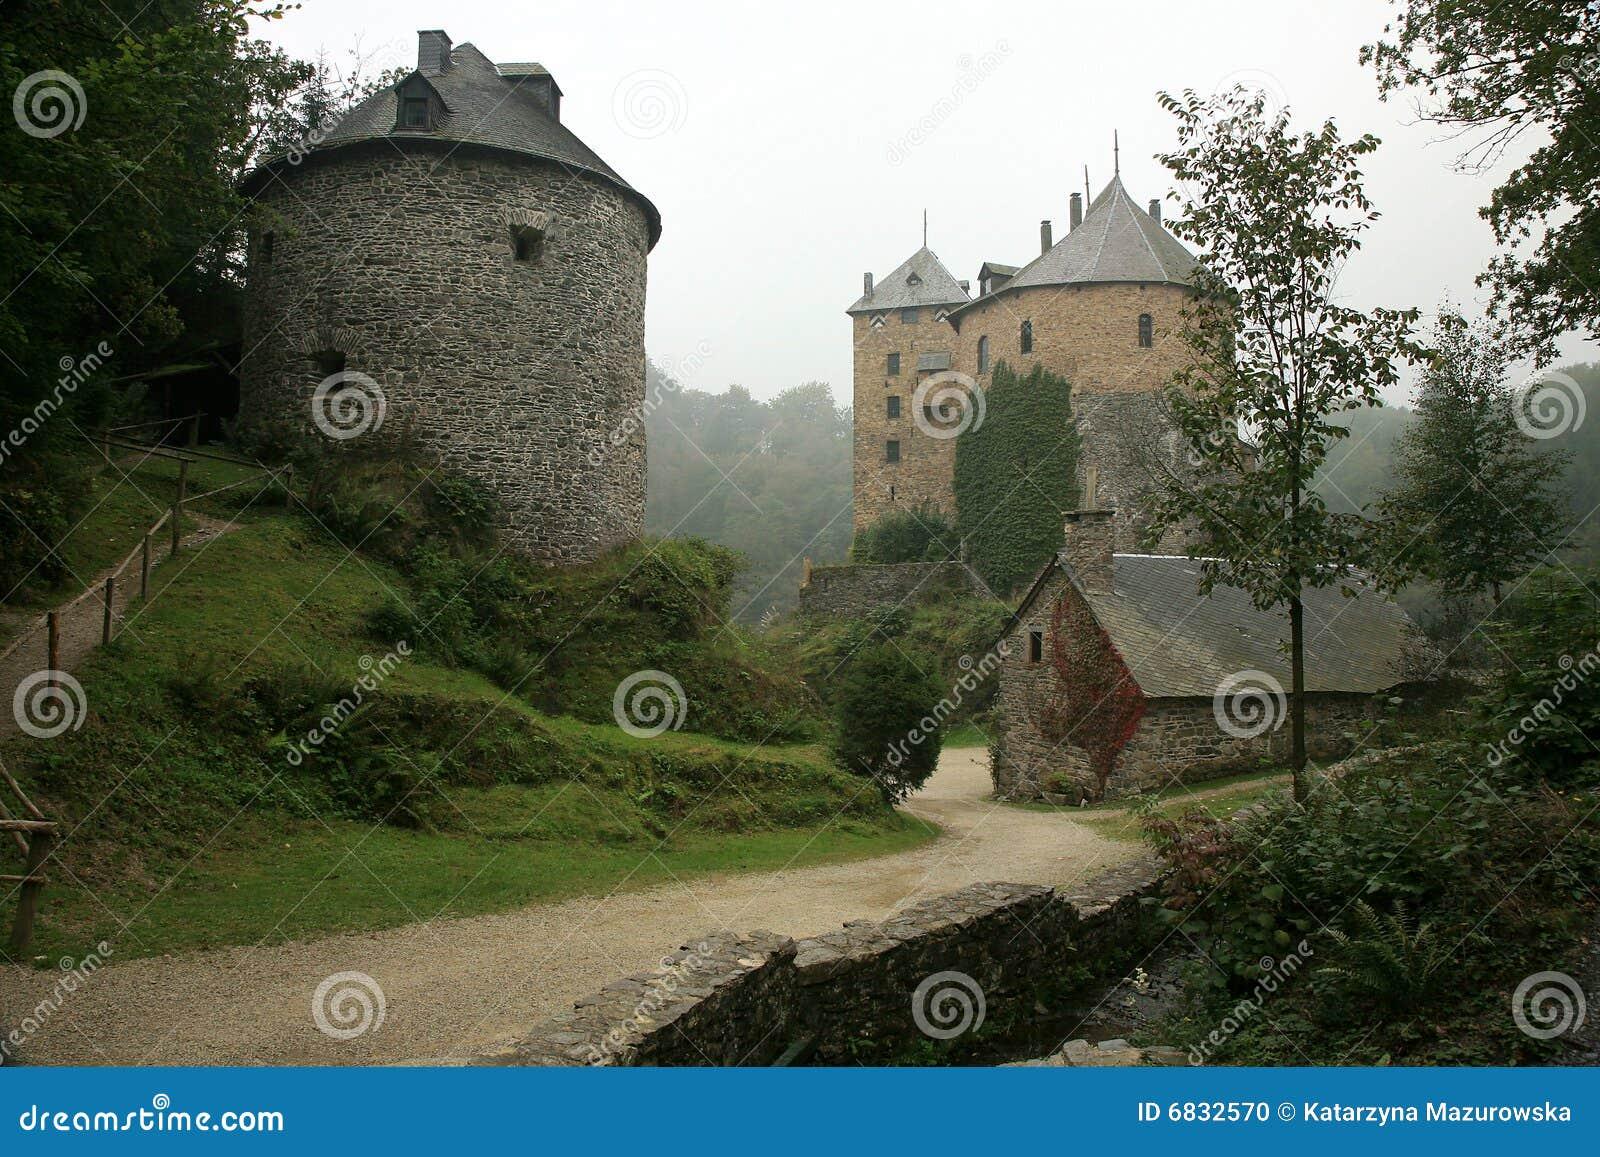 Castillo viejo en la montaña de Ardennes - Bélgica.